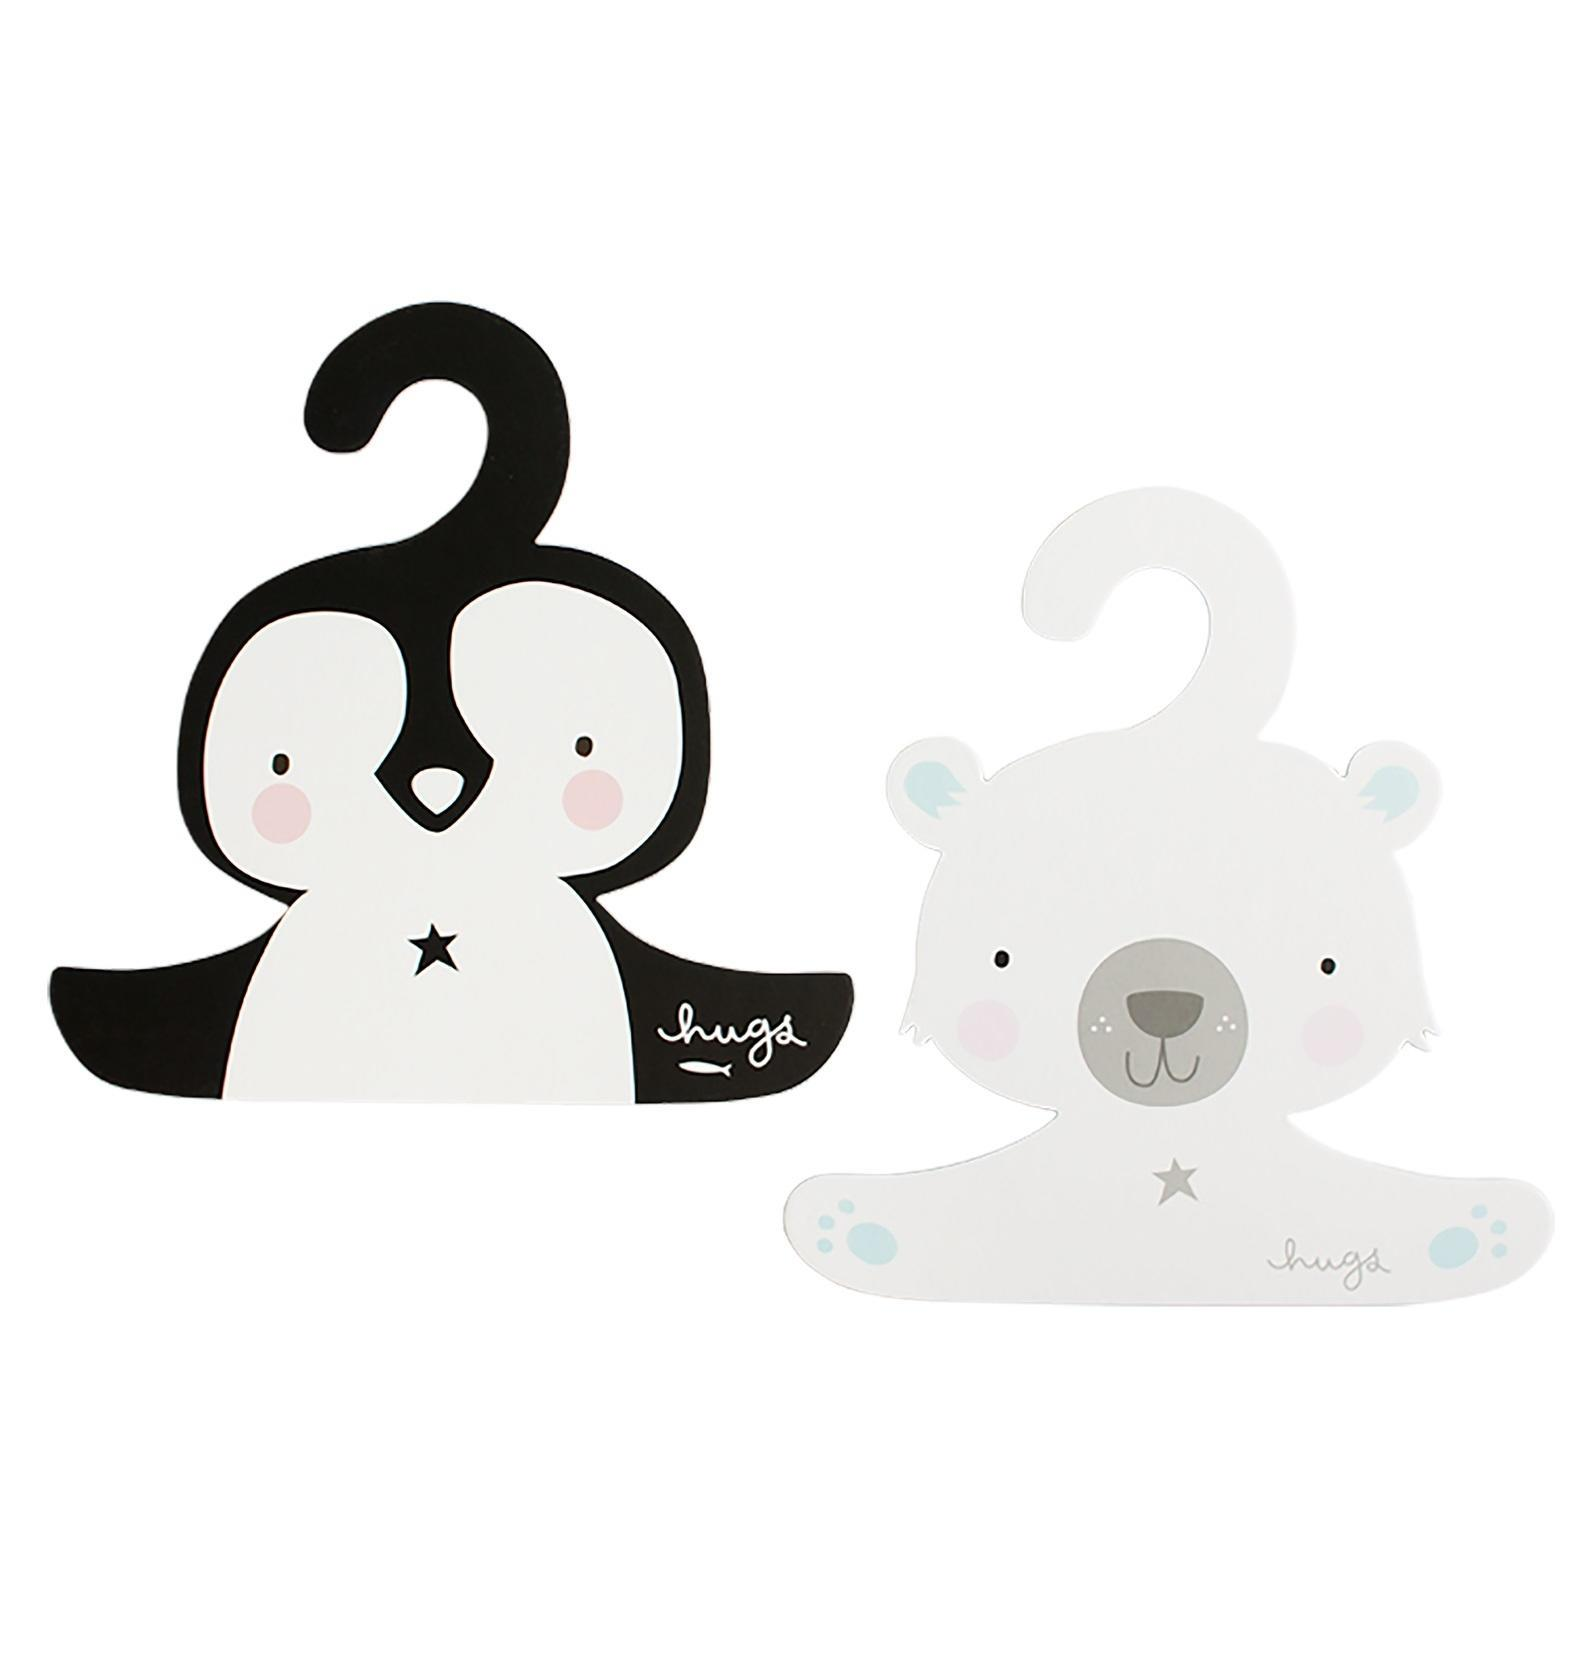 A Little Lovely Company Dětské ramínko na šaty Penguin & Polar bear - 2 ks, černá barva, bílá barva, dřevotříska